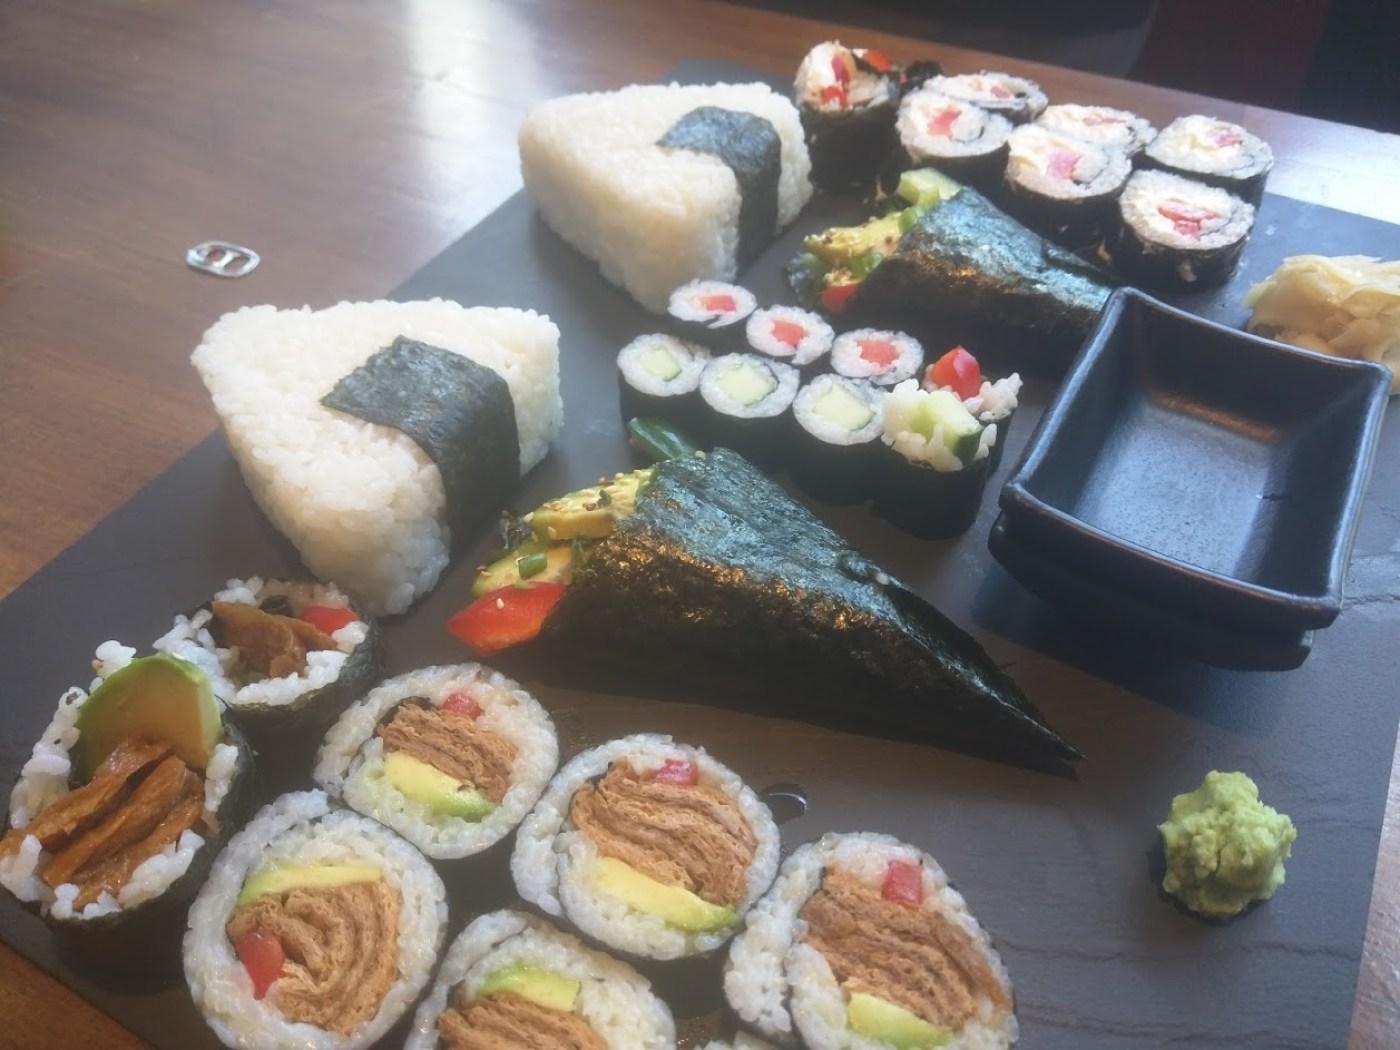 Faccio come mi pare blog, dove mangiare ad aberdeen, mangiare ad aberdeen, locali ad aberdeen, mangiare bene aberdeen, JW sushi